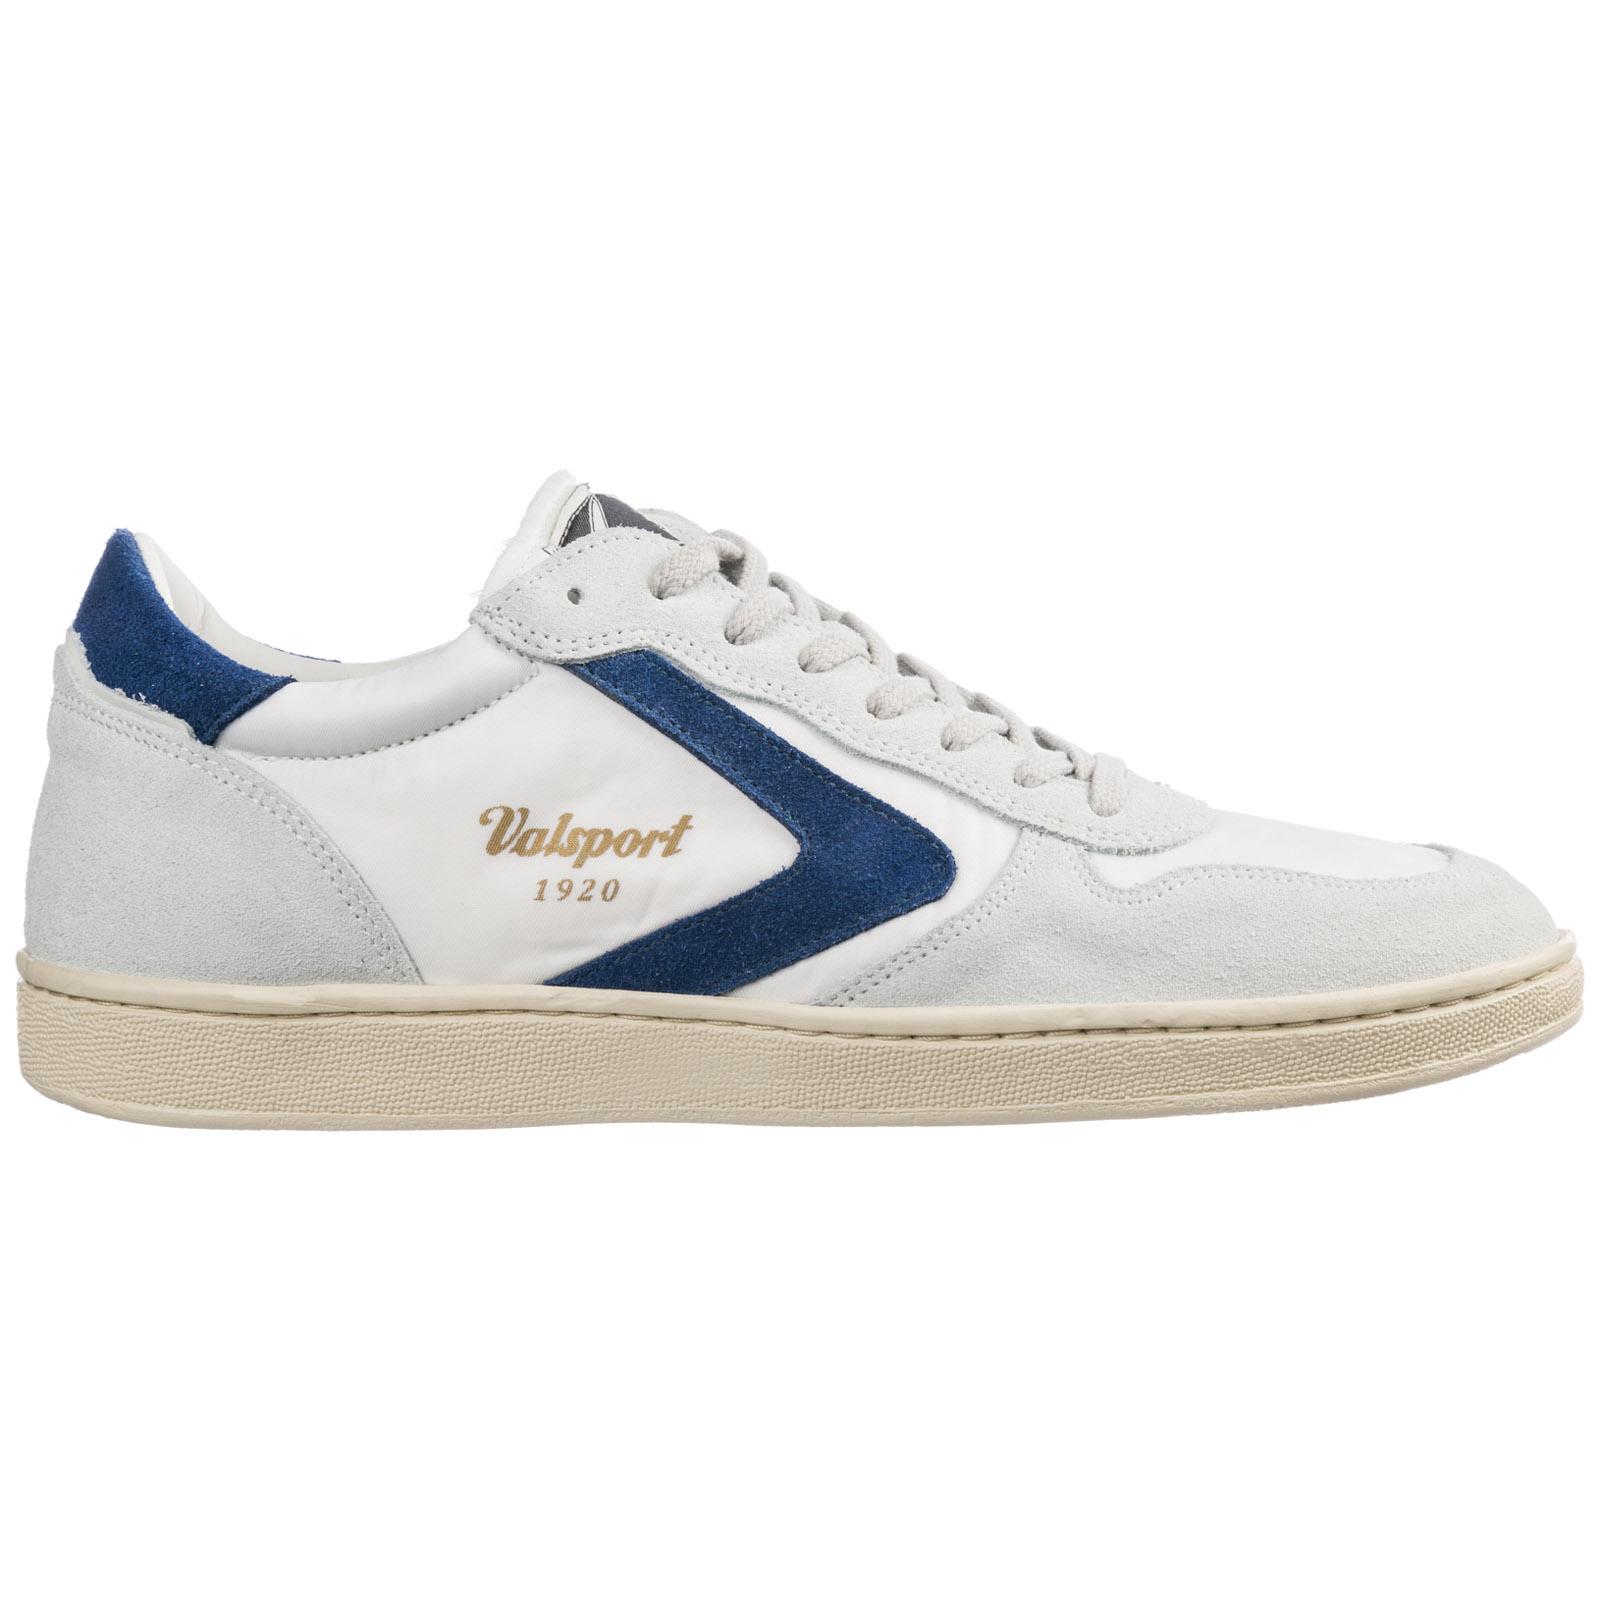 promo code 616f8 18fa5 Scarpe sneakers uomo camoscio davis